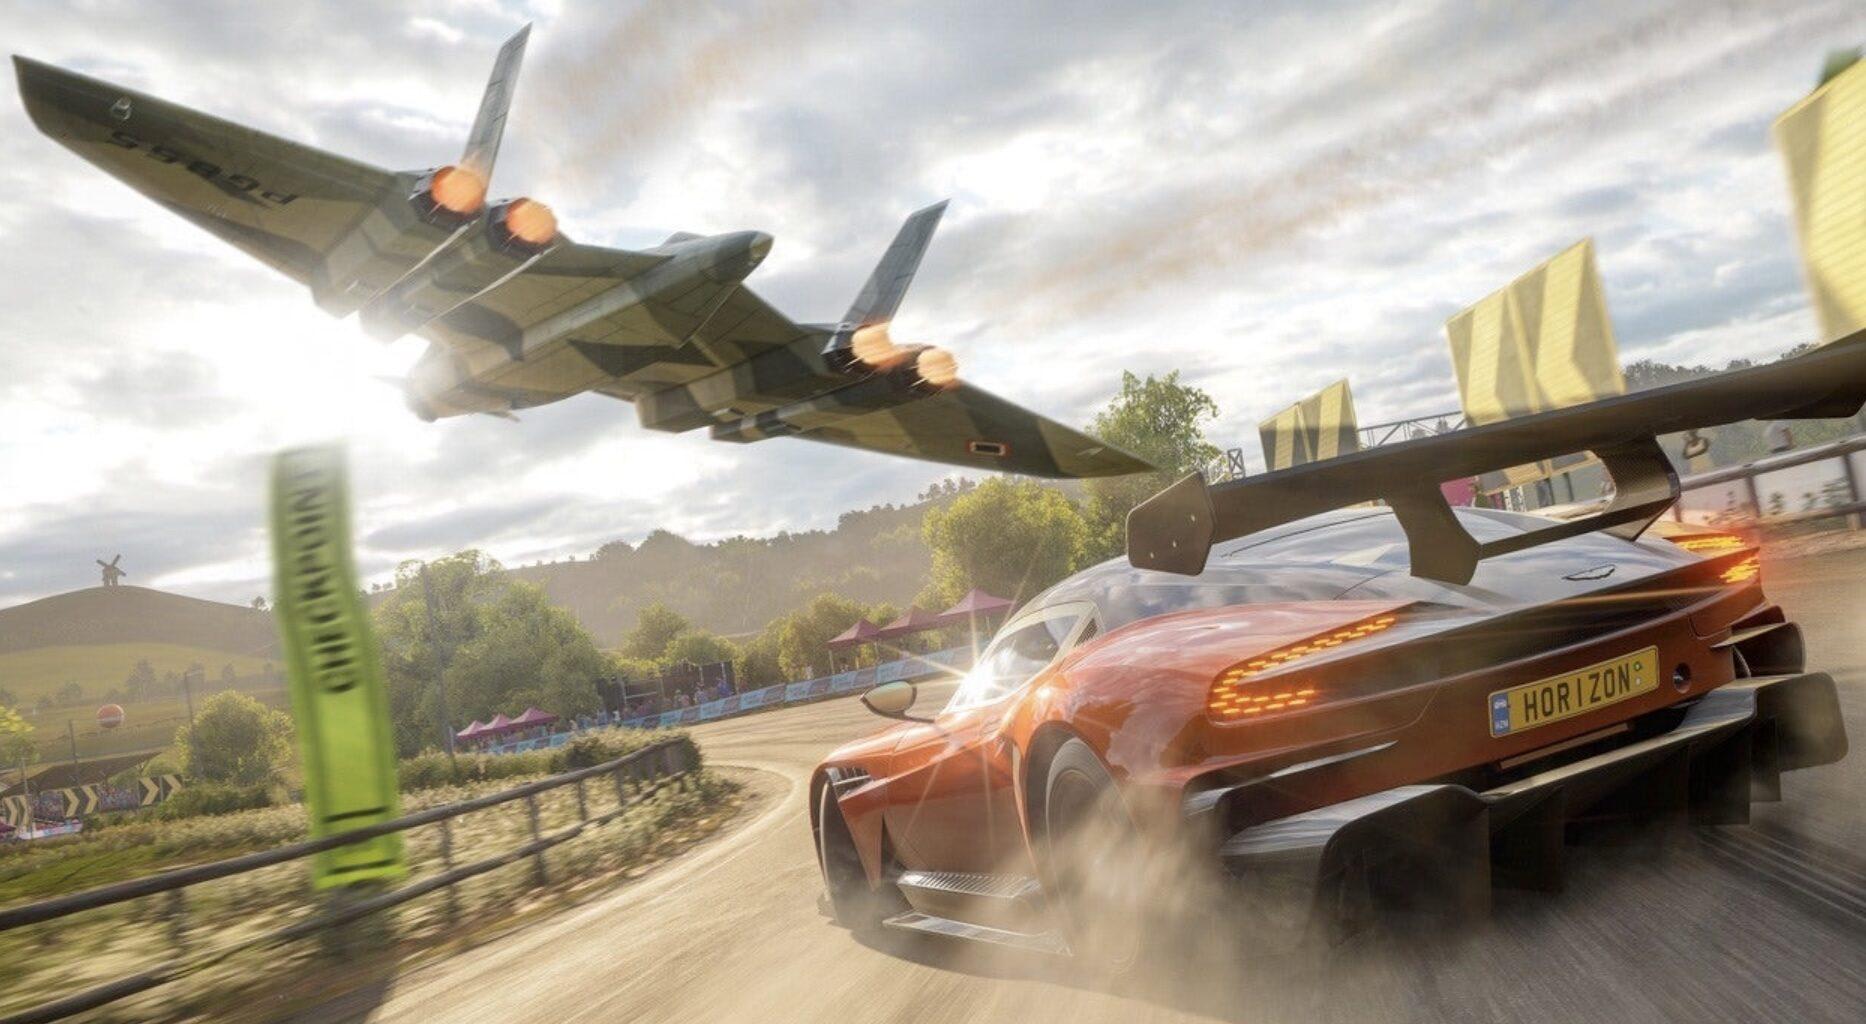 Forza Horizon 4 Update 1.465